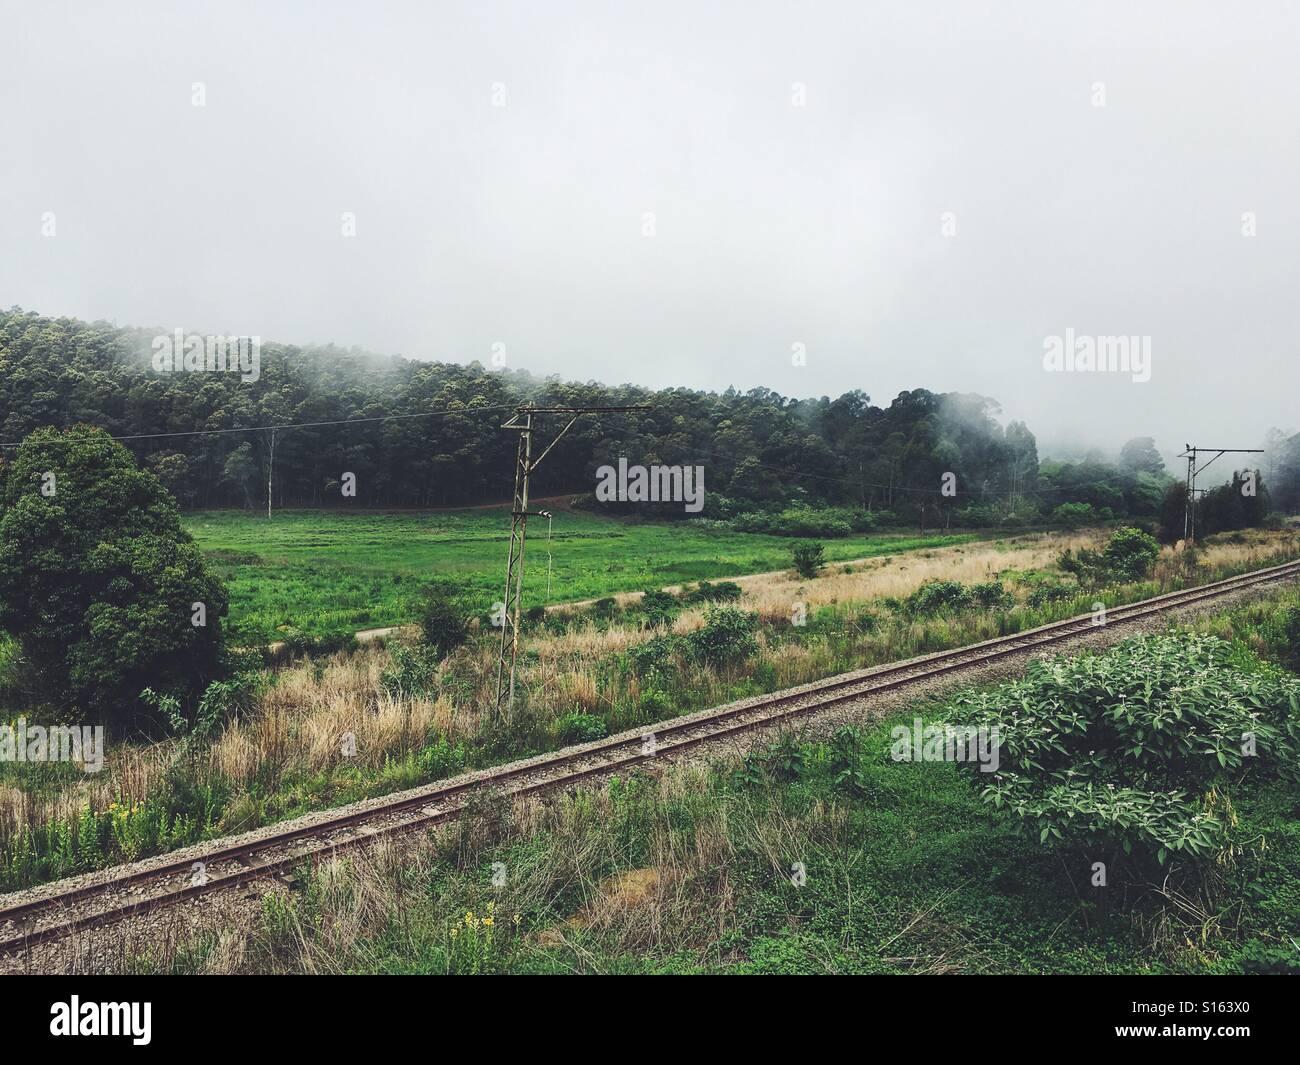 La laminazione di nebbia in oltre le linee ferroviarie nella tranquilla cittadina di piccole dimensioni Immagini Stock